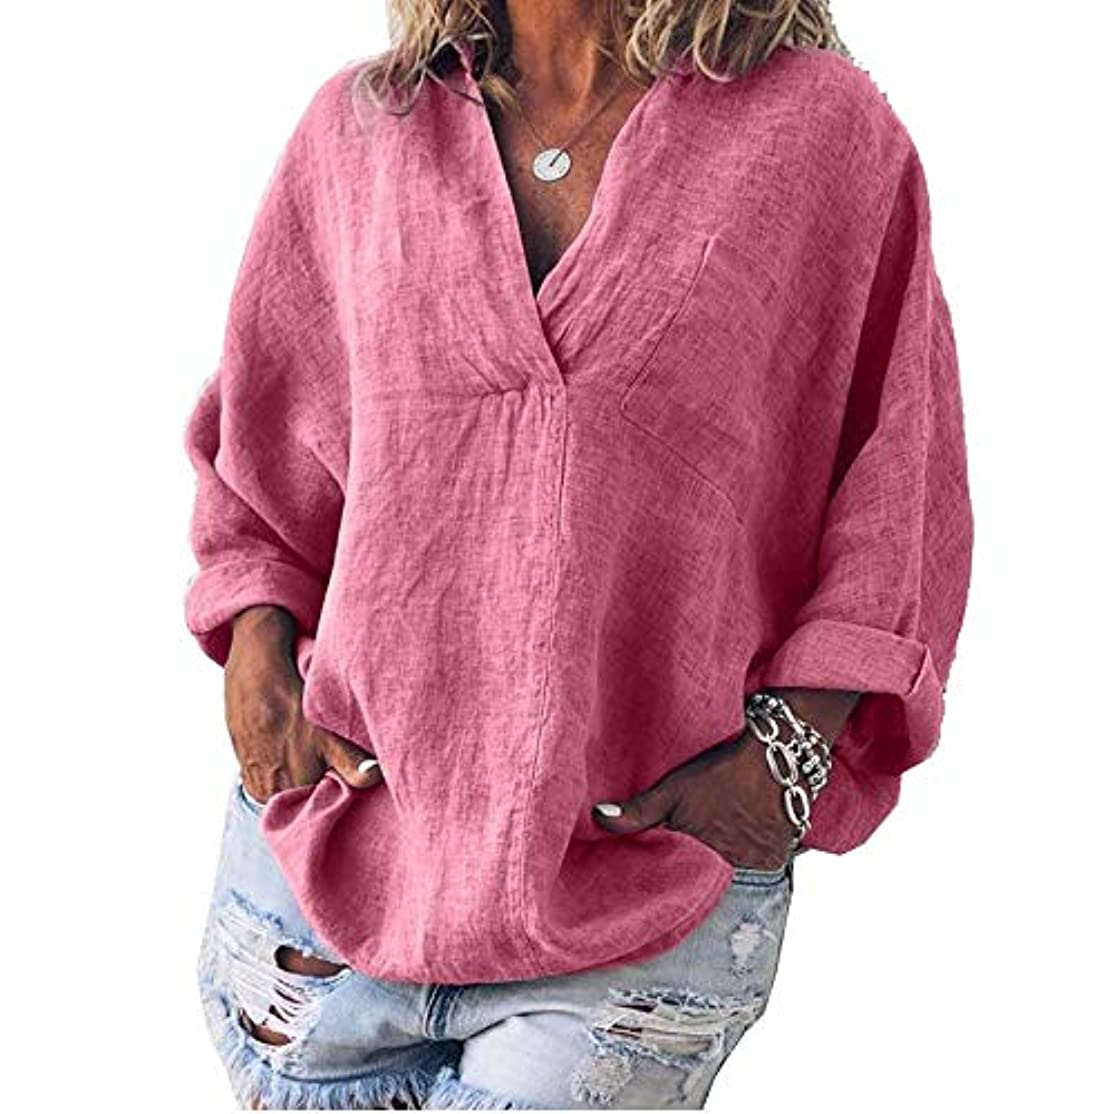 安心させる適用済み効果的MIFAN女性ファッション春夏チュニックトップス深いVネックTシャツ長袖プルオーバールーズリネンブラウス